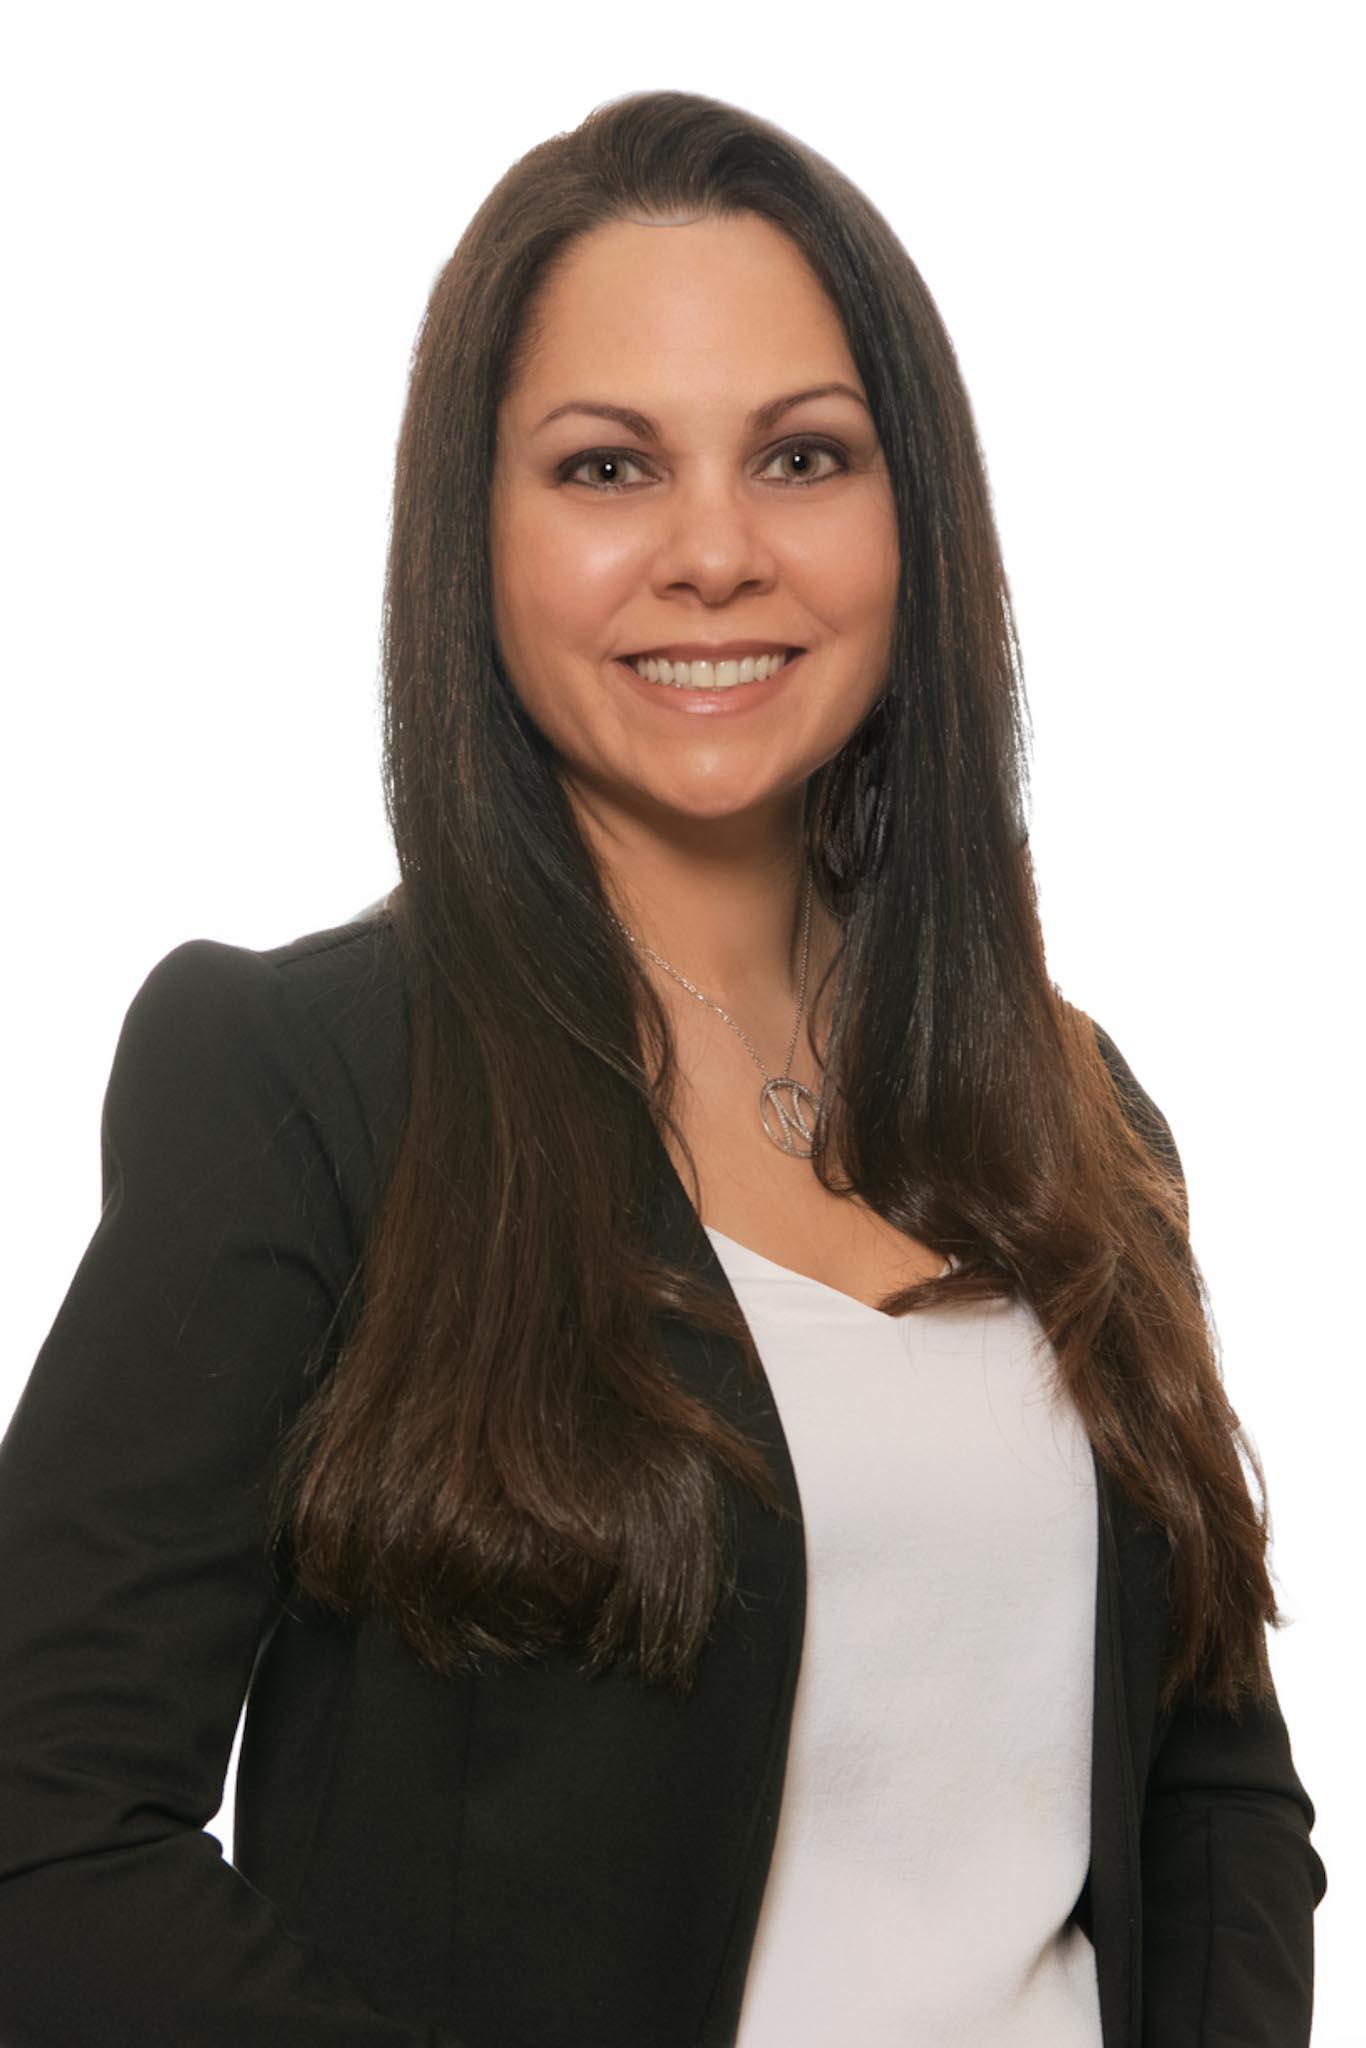 Nicole DeSarno